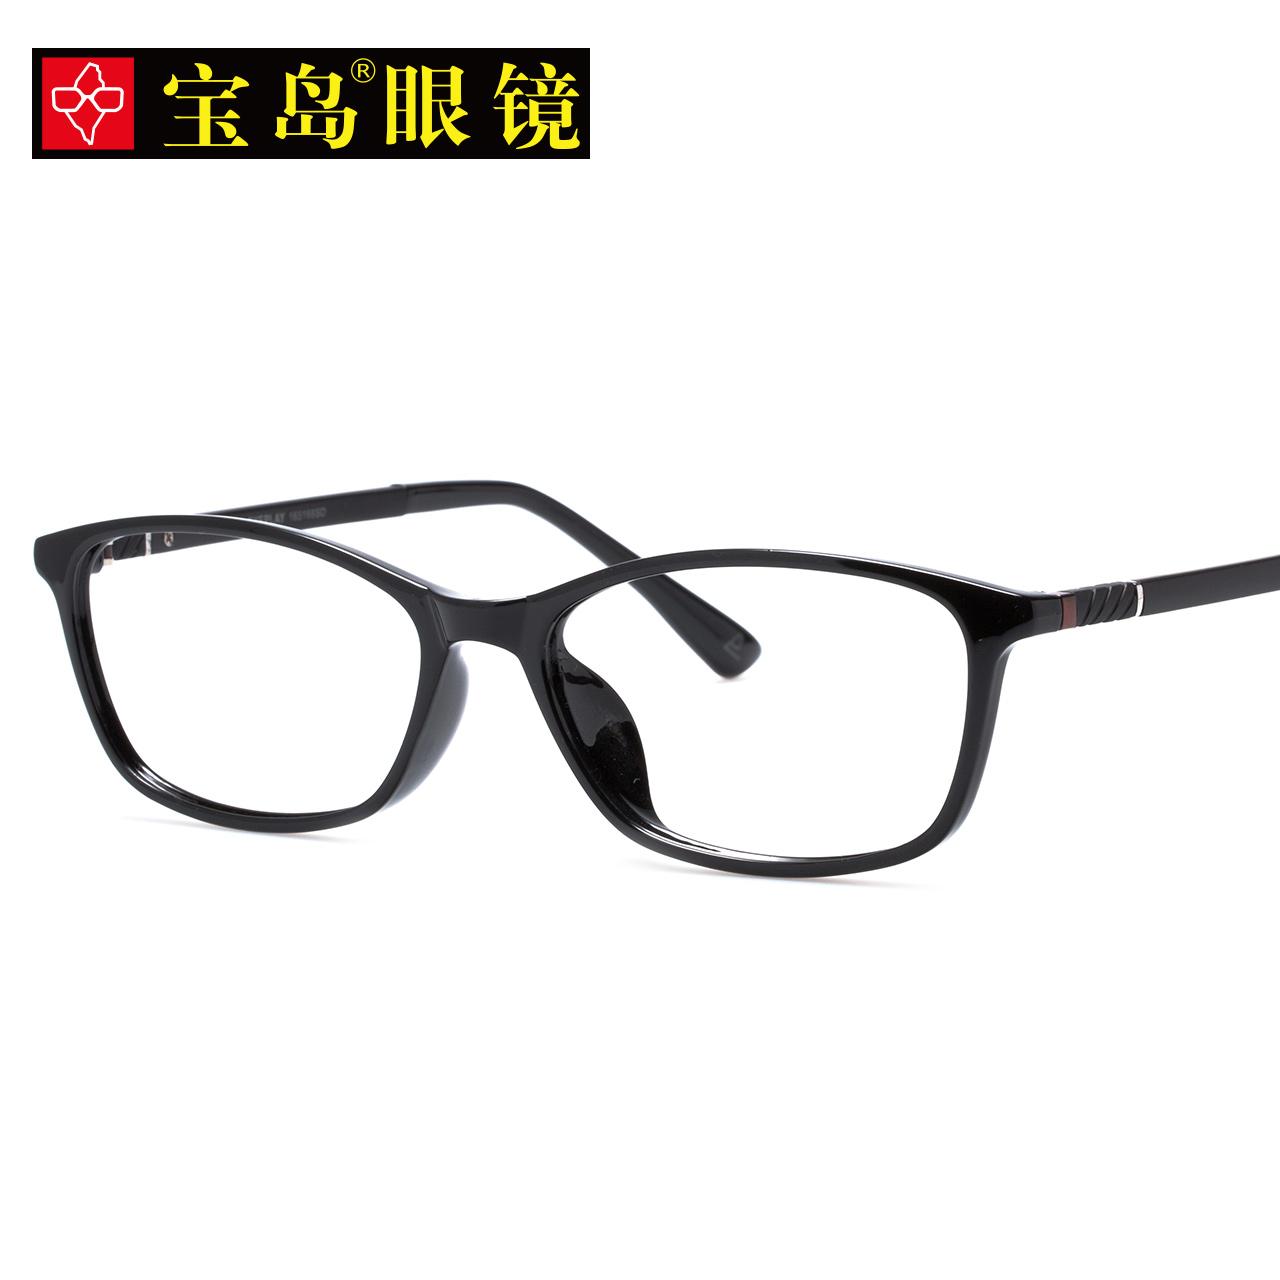 目戏眼镜架 男女复古潮圆脸方框眼睛简约轻盈配镜近视眼镜框 2240_英家券